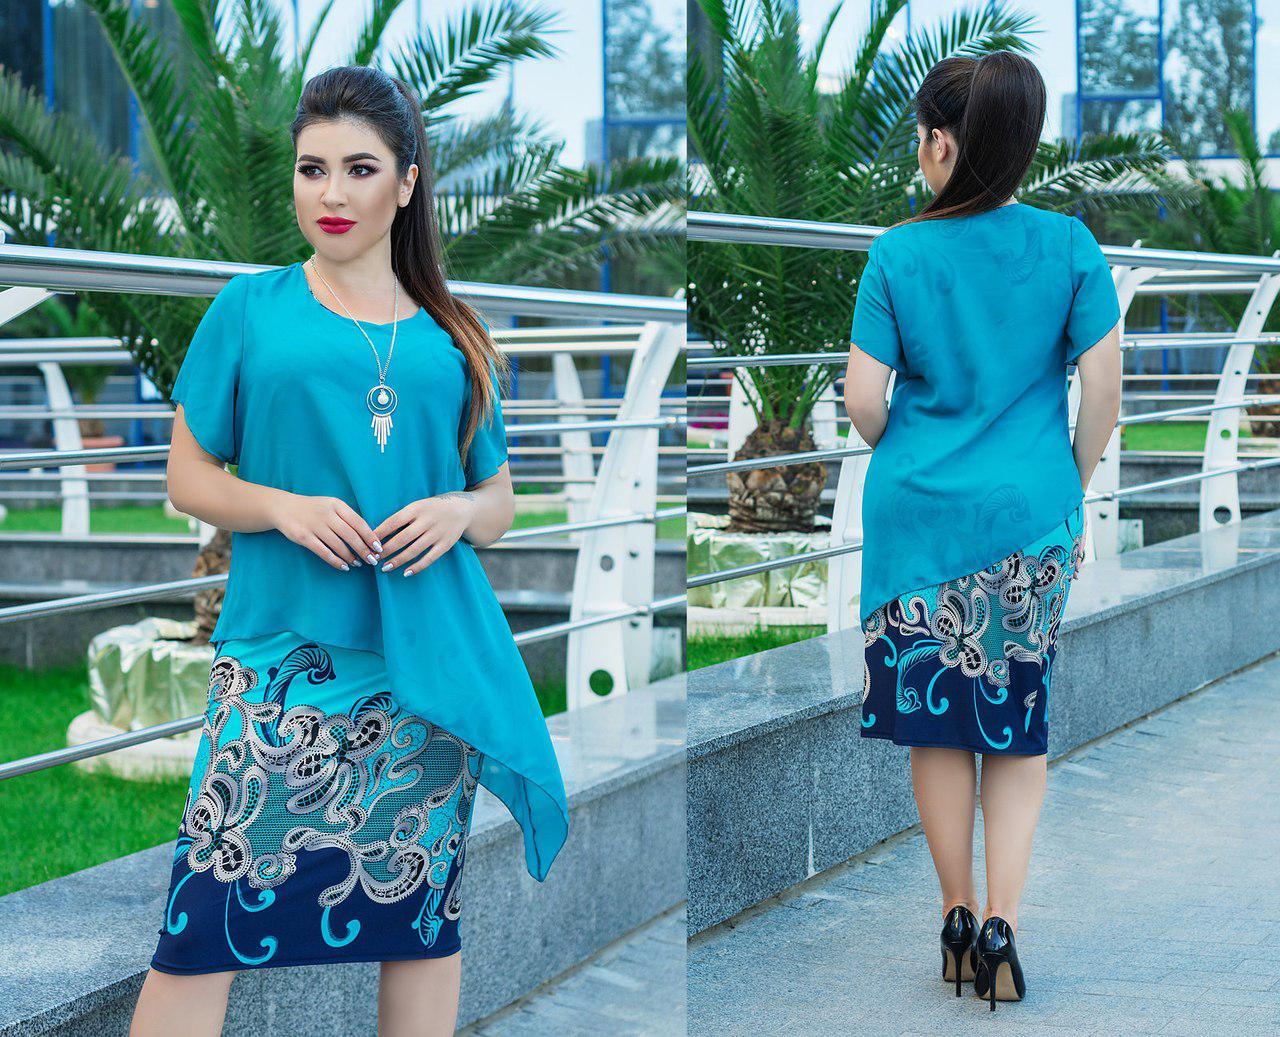 Нарядное платье больших размеров 50+с пришивной шифоновой накидкой асимметричного кроя /2 цвета  арт 5857-178